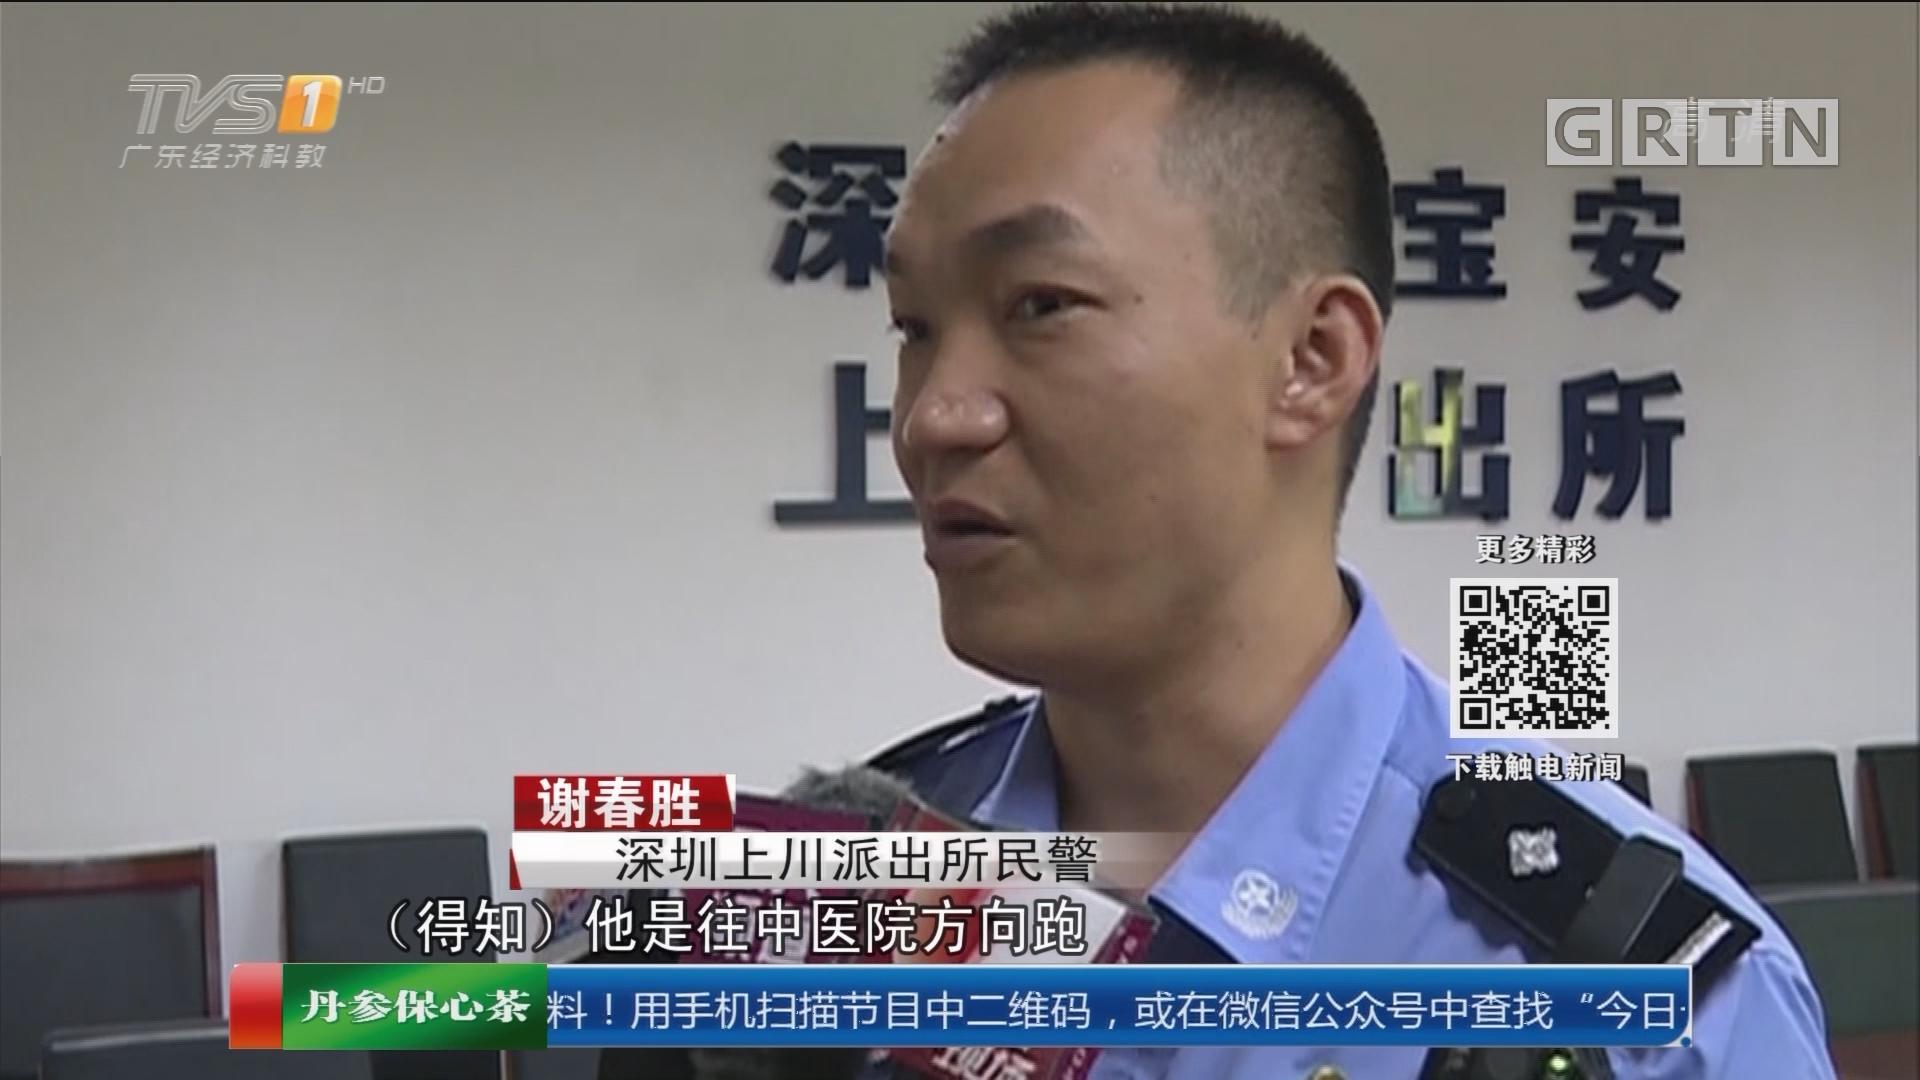 深圳:为泄愤上街挥刀 警方出手阻险情